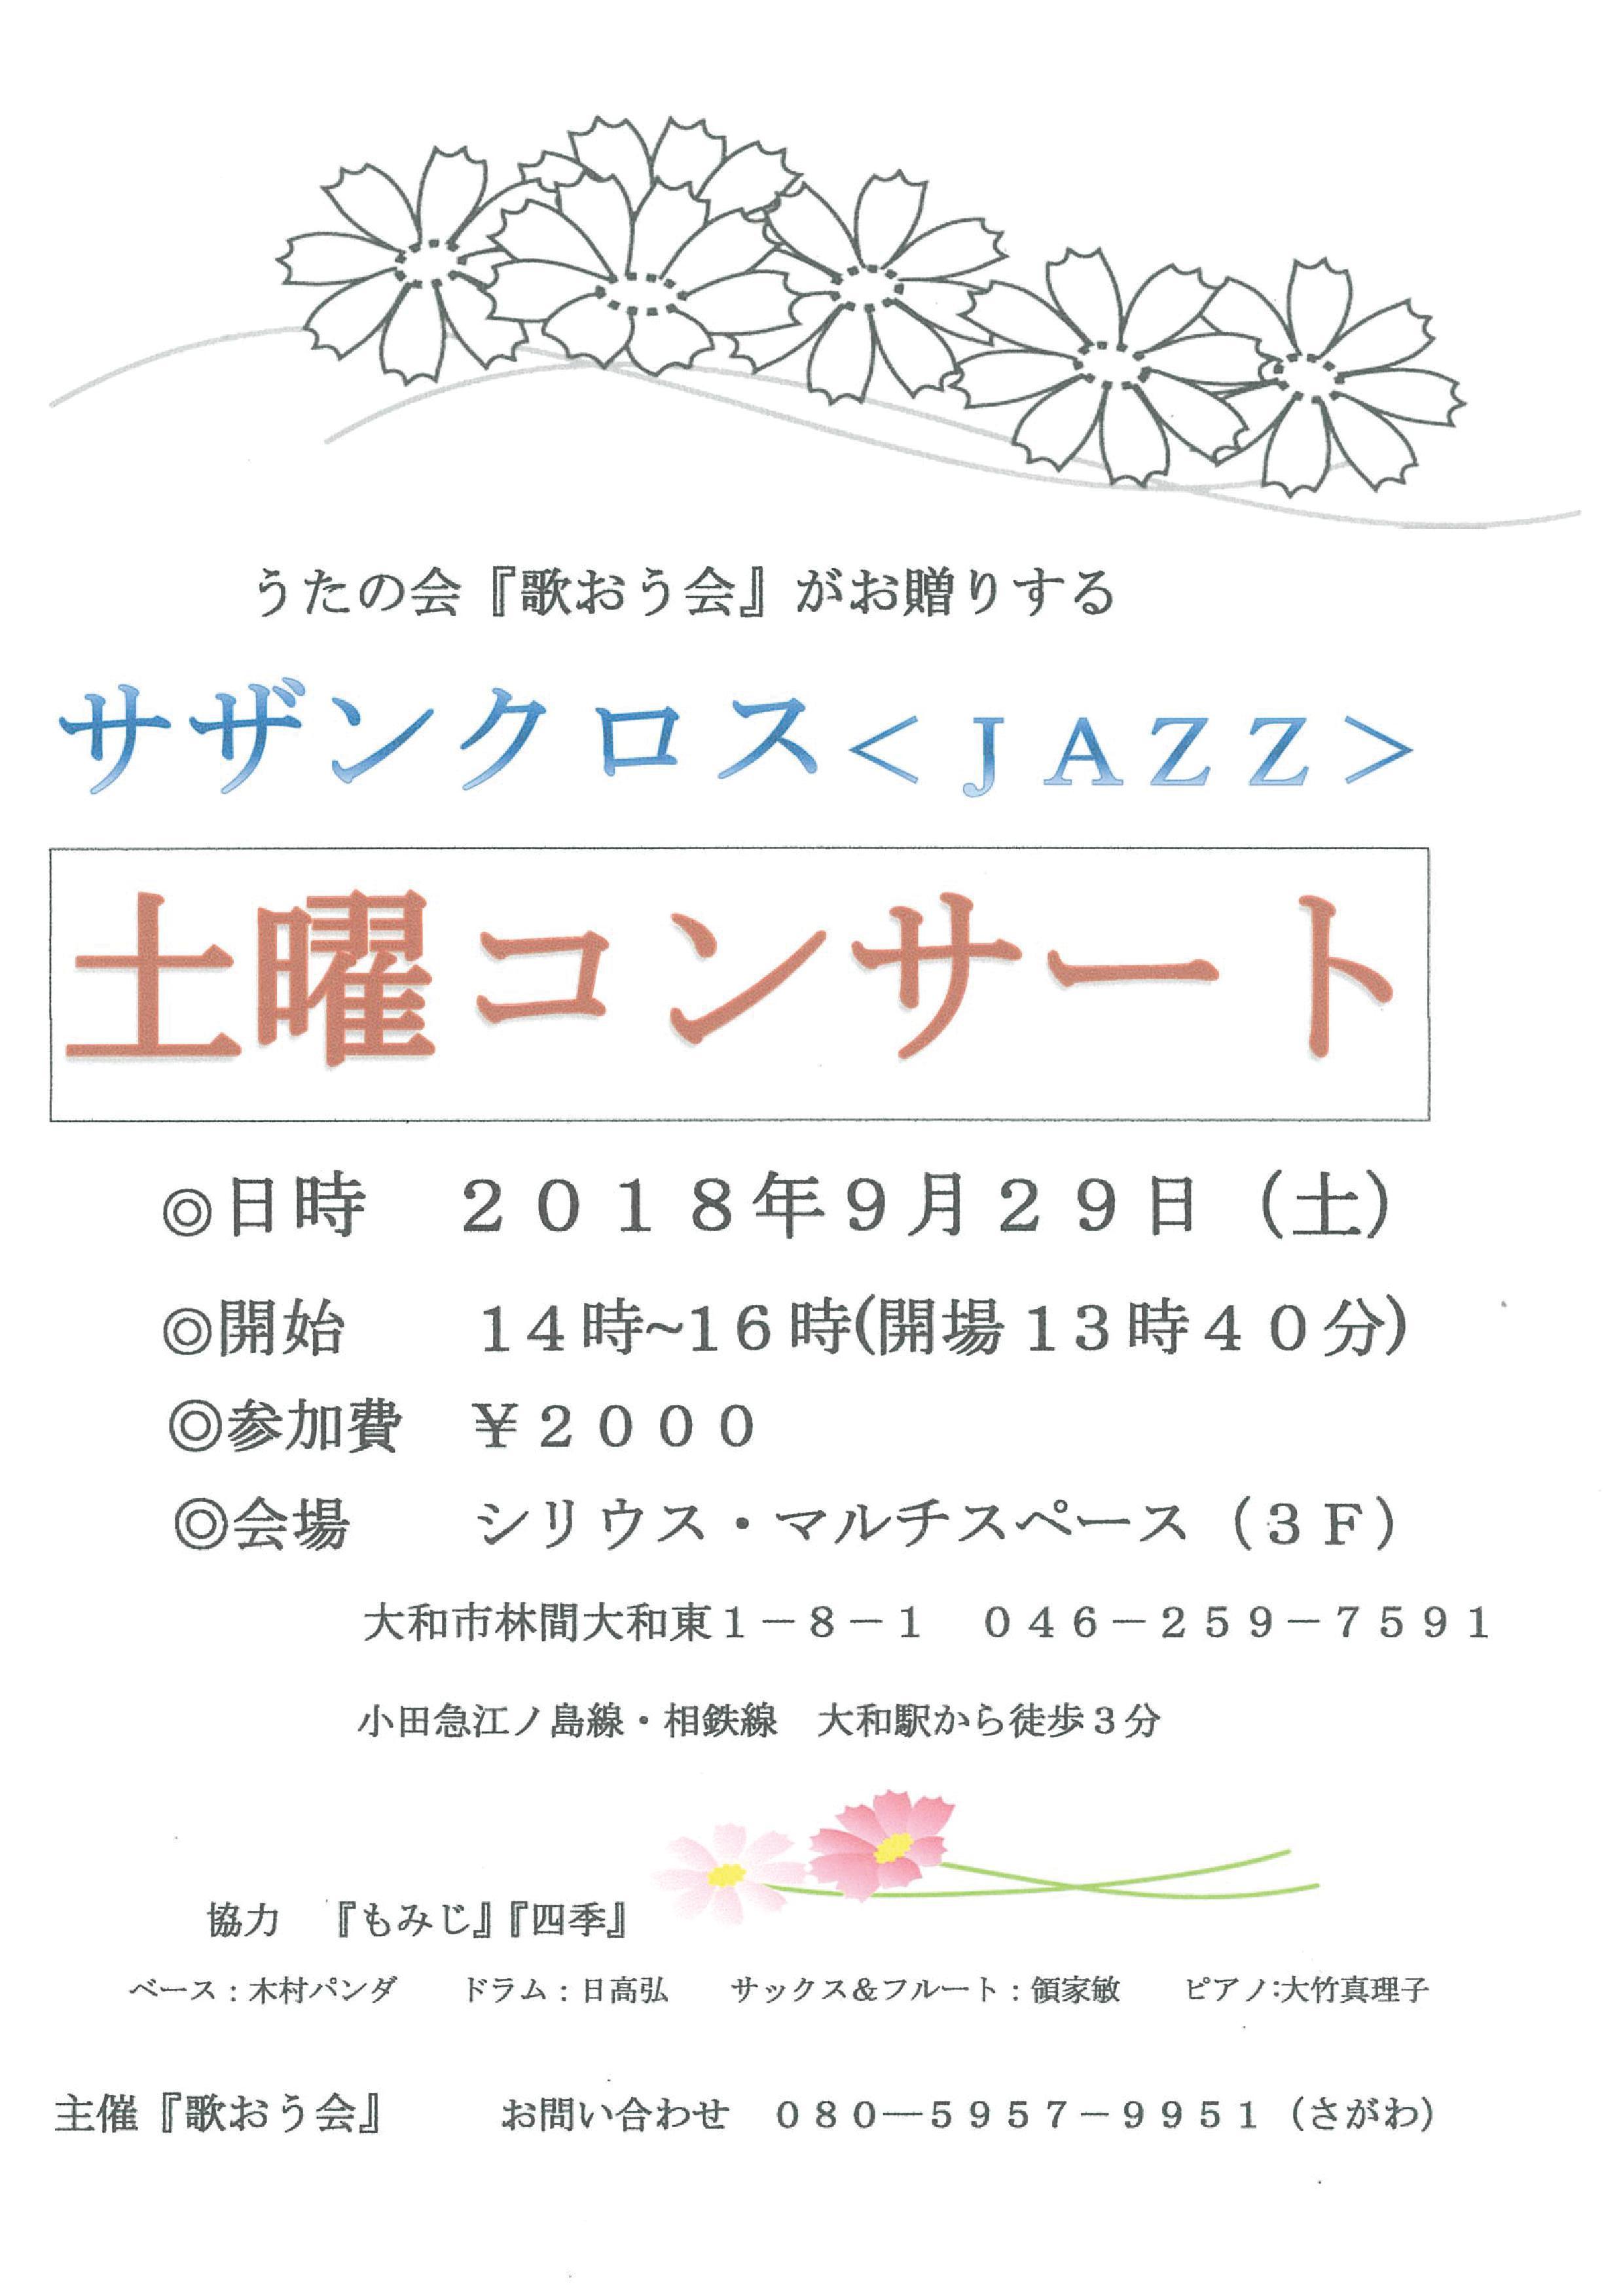 「サザンクロス」♪初秋のジャズコンサート♪ピアノトリオ+2